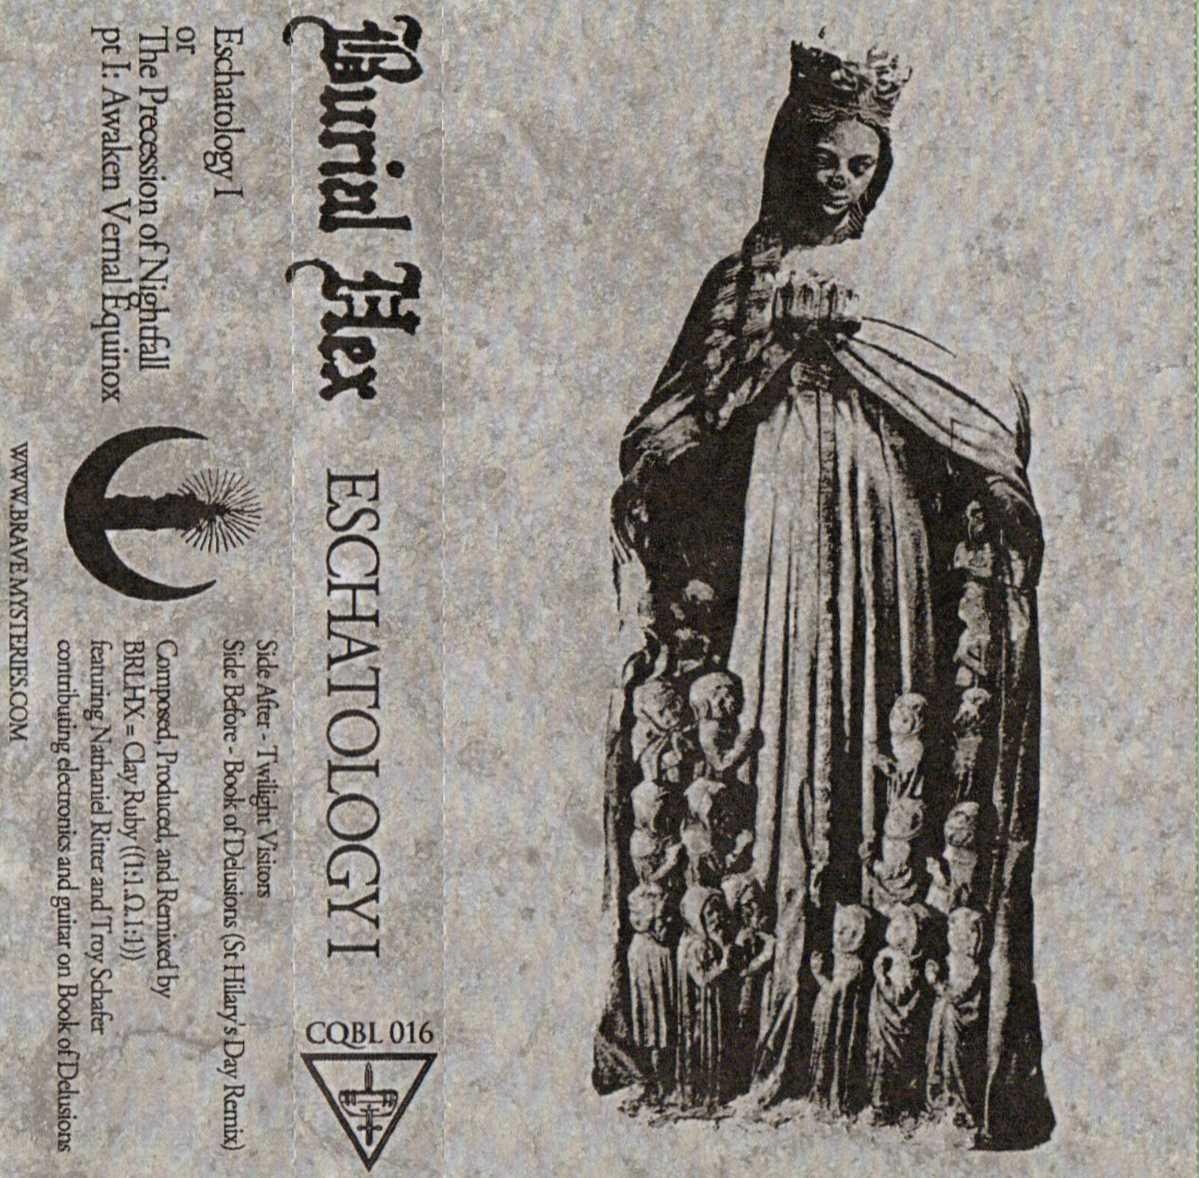 Burial Hex - In Girum Imus Nocte Et Consumimur Igni